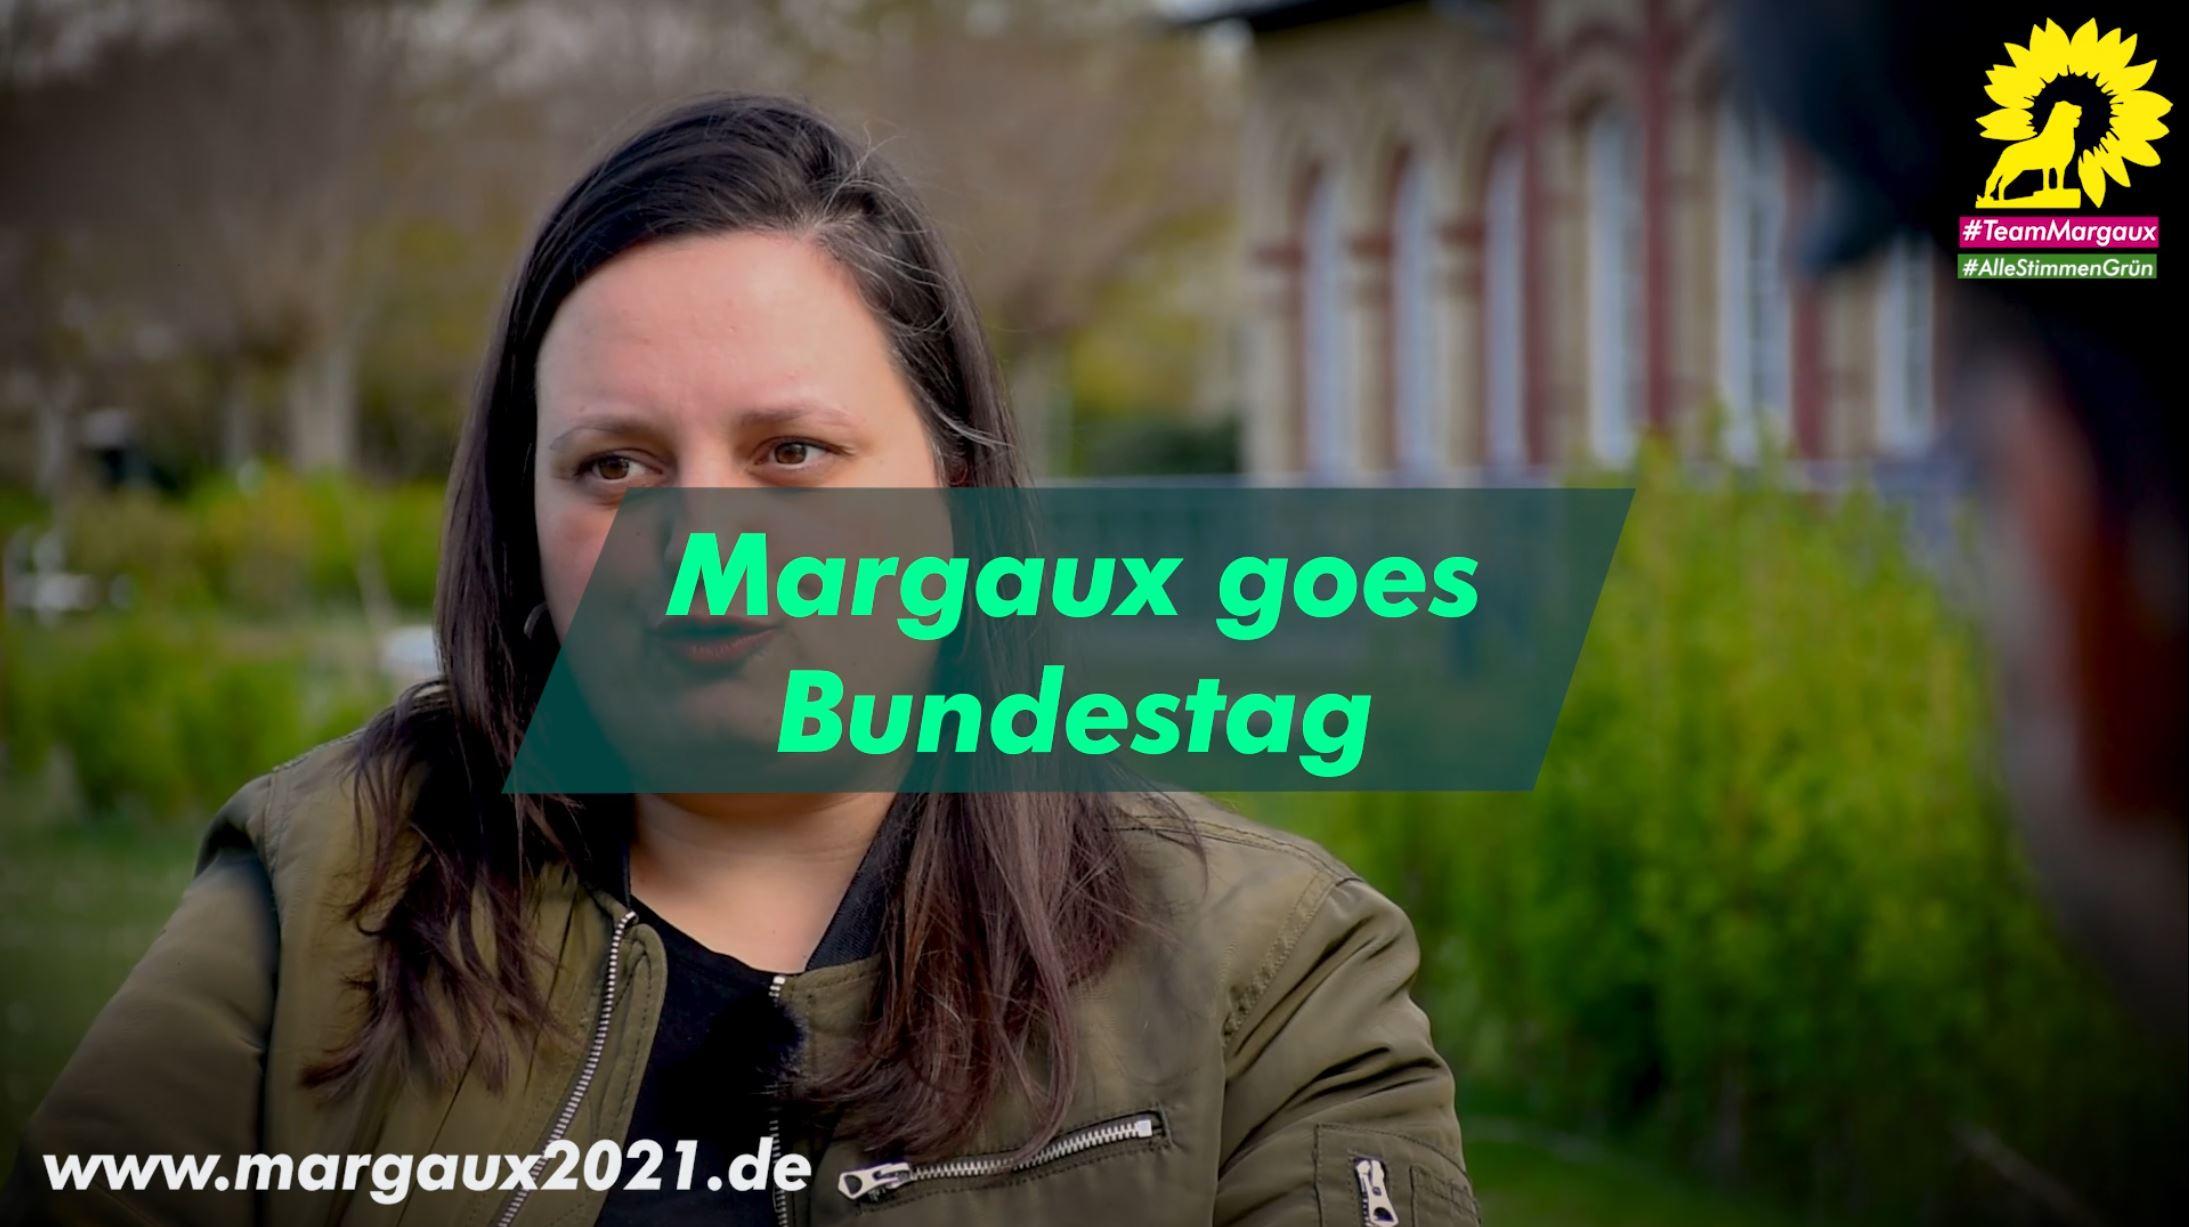 Folge #8 Video-Podcast Margaux goes Bundestag